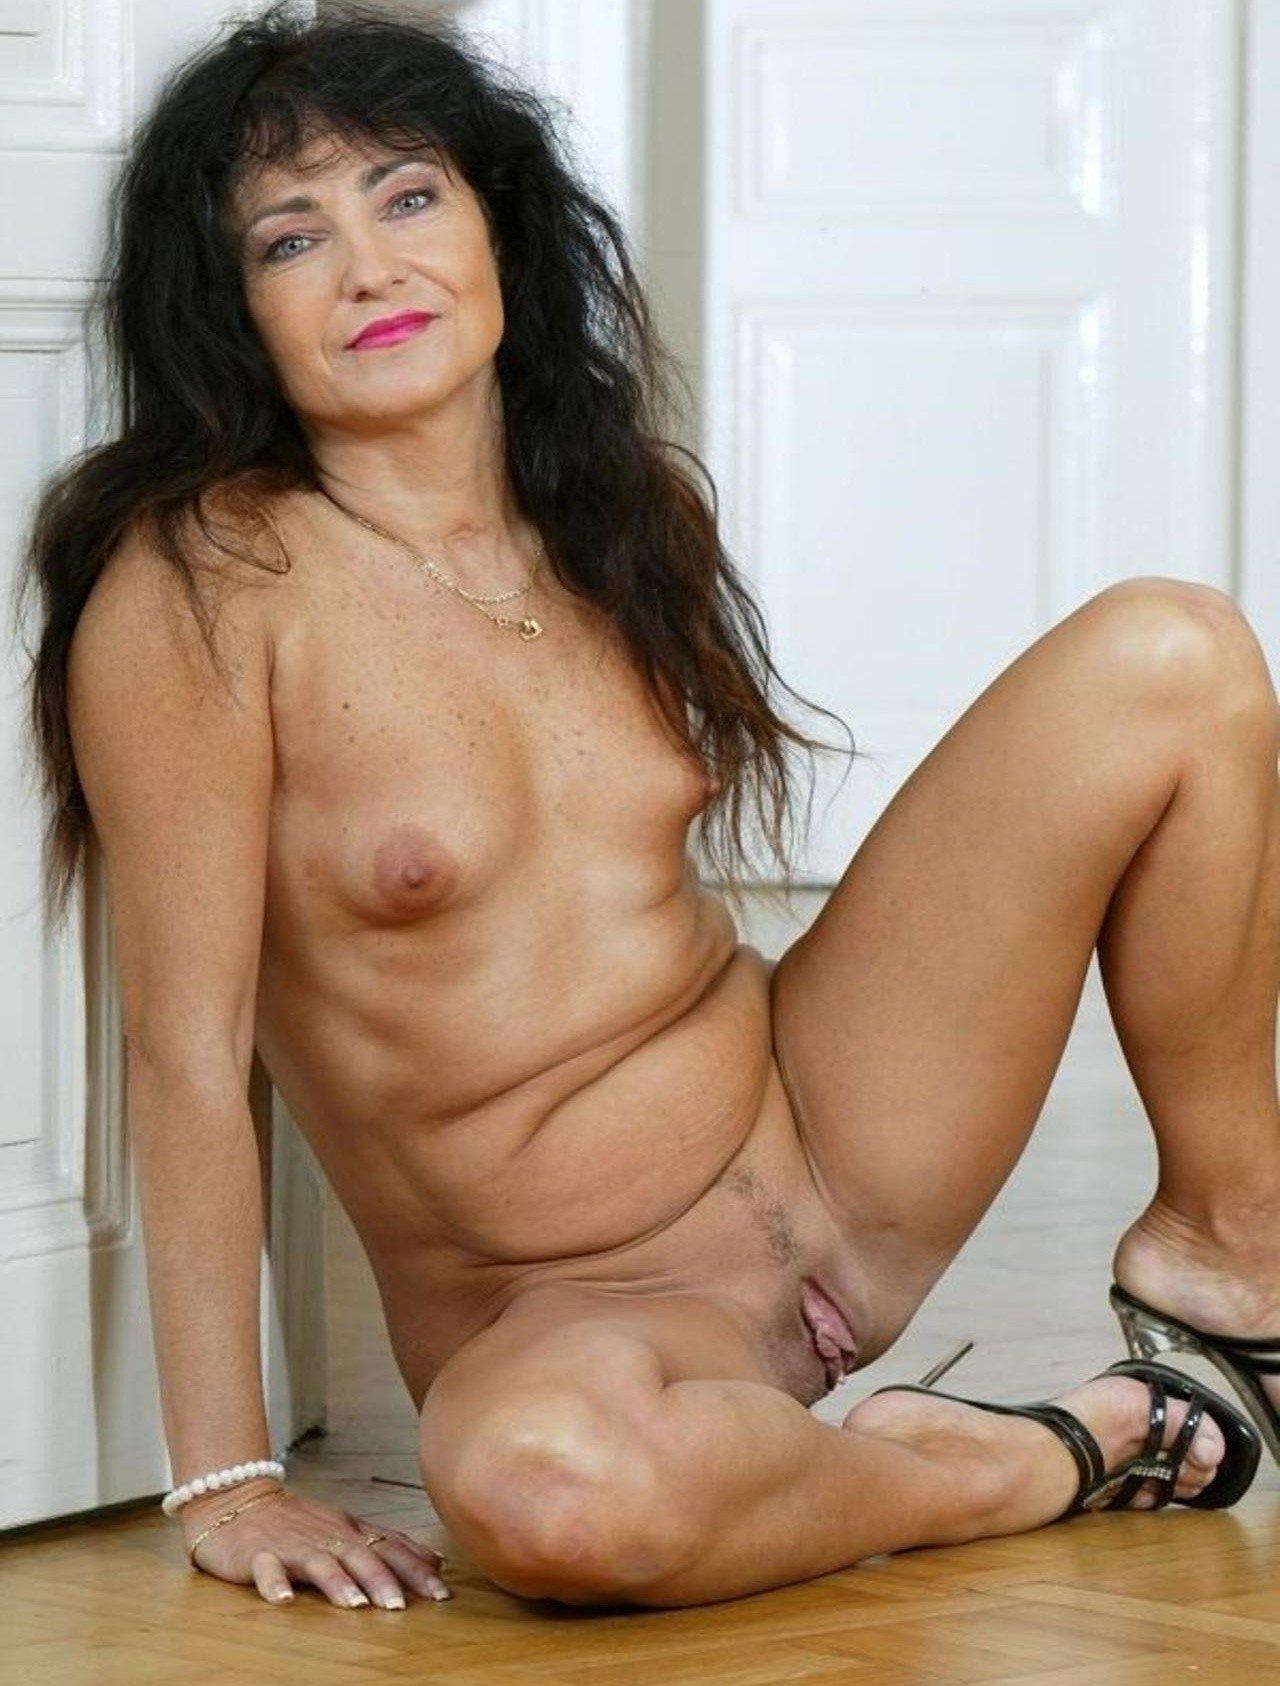 Mature Brunette Nude